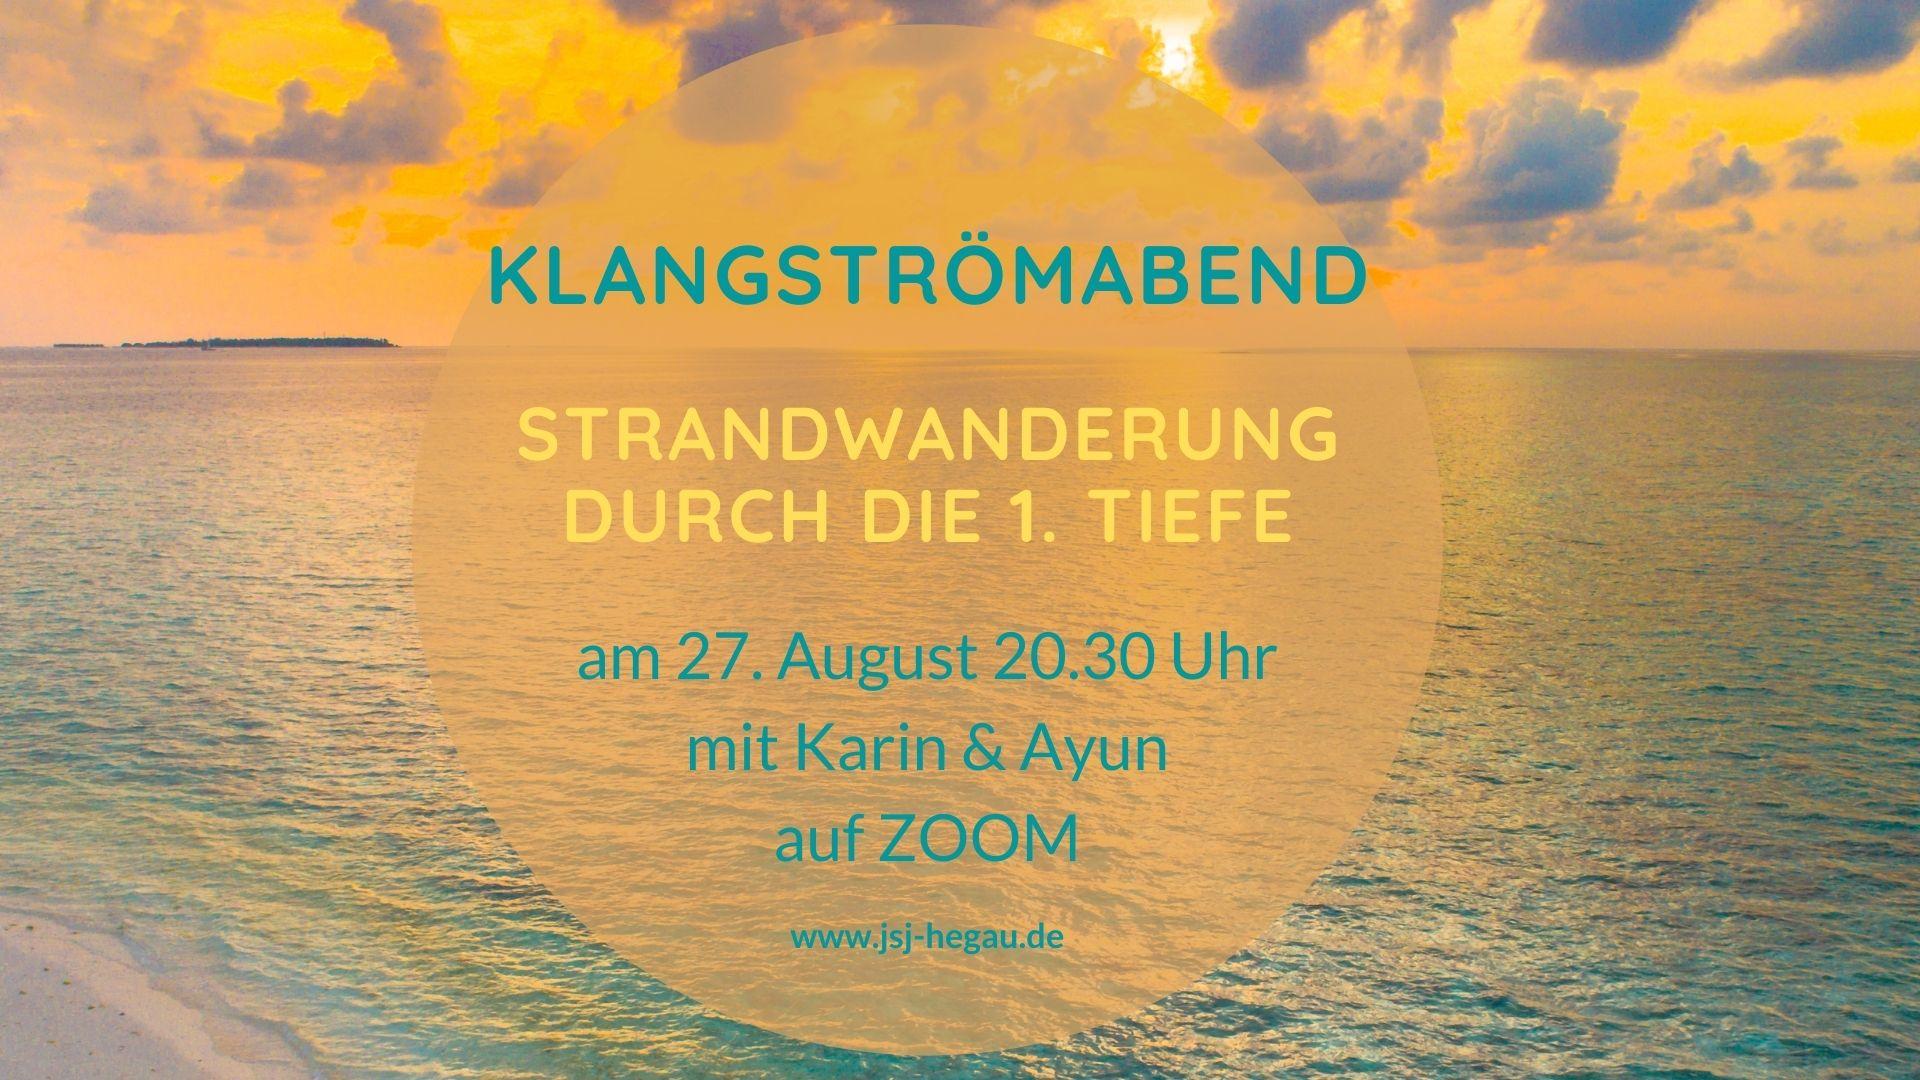 Klangströmabend1.Tiefe